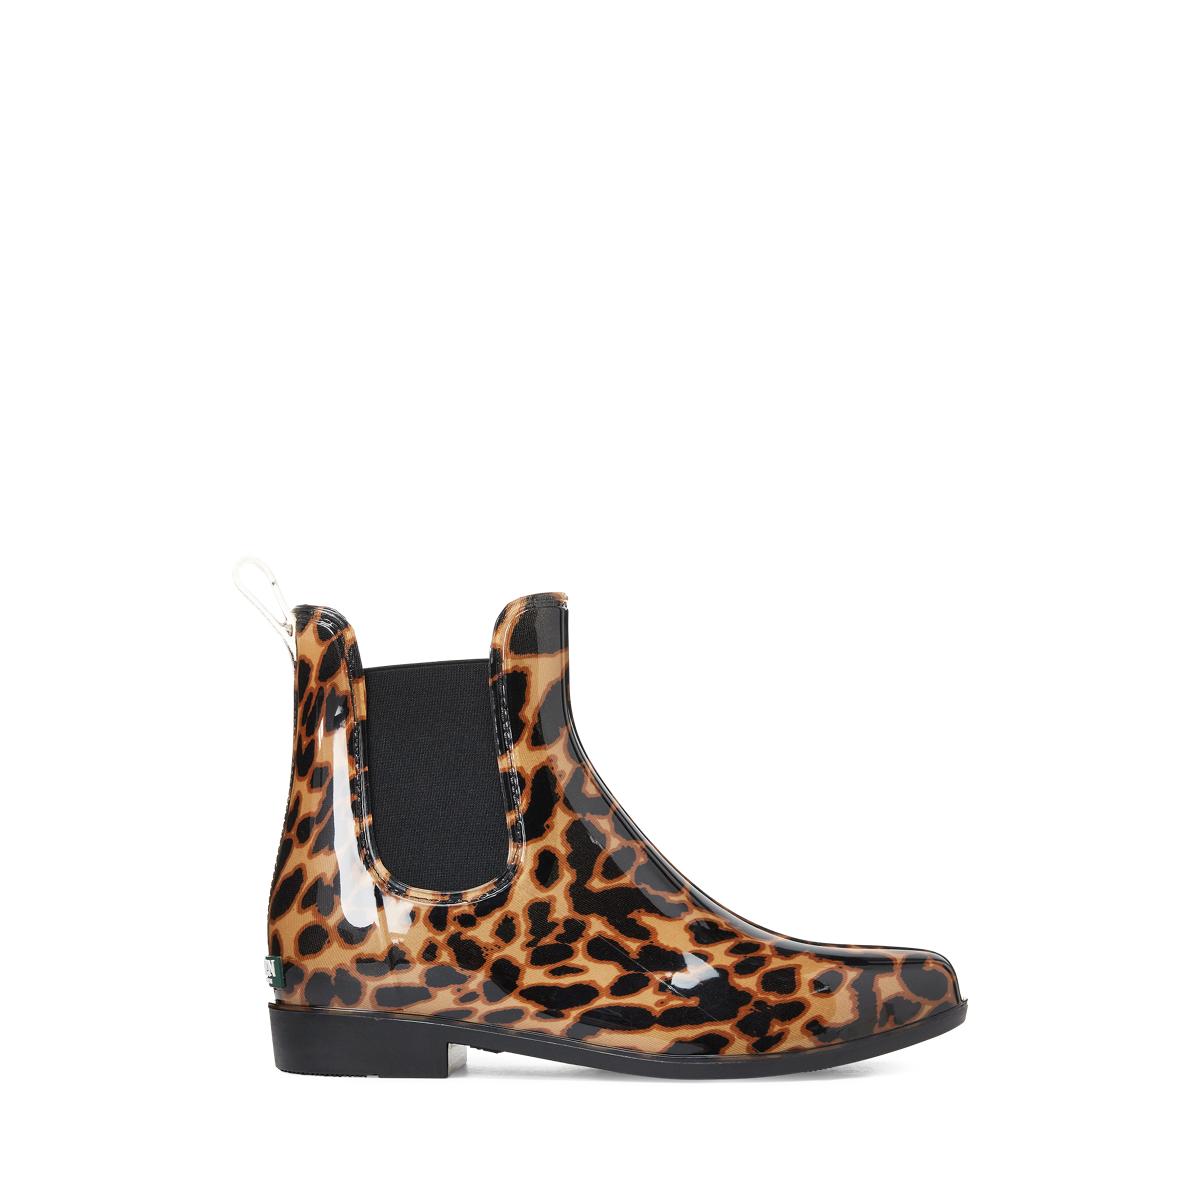 Stivali & stivaletti Donna | Stivali da pioggia Tally II Notte scuro | Ralph Lauren